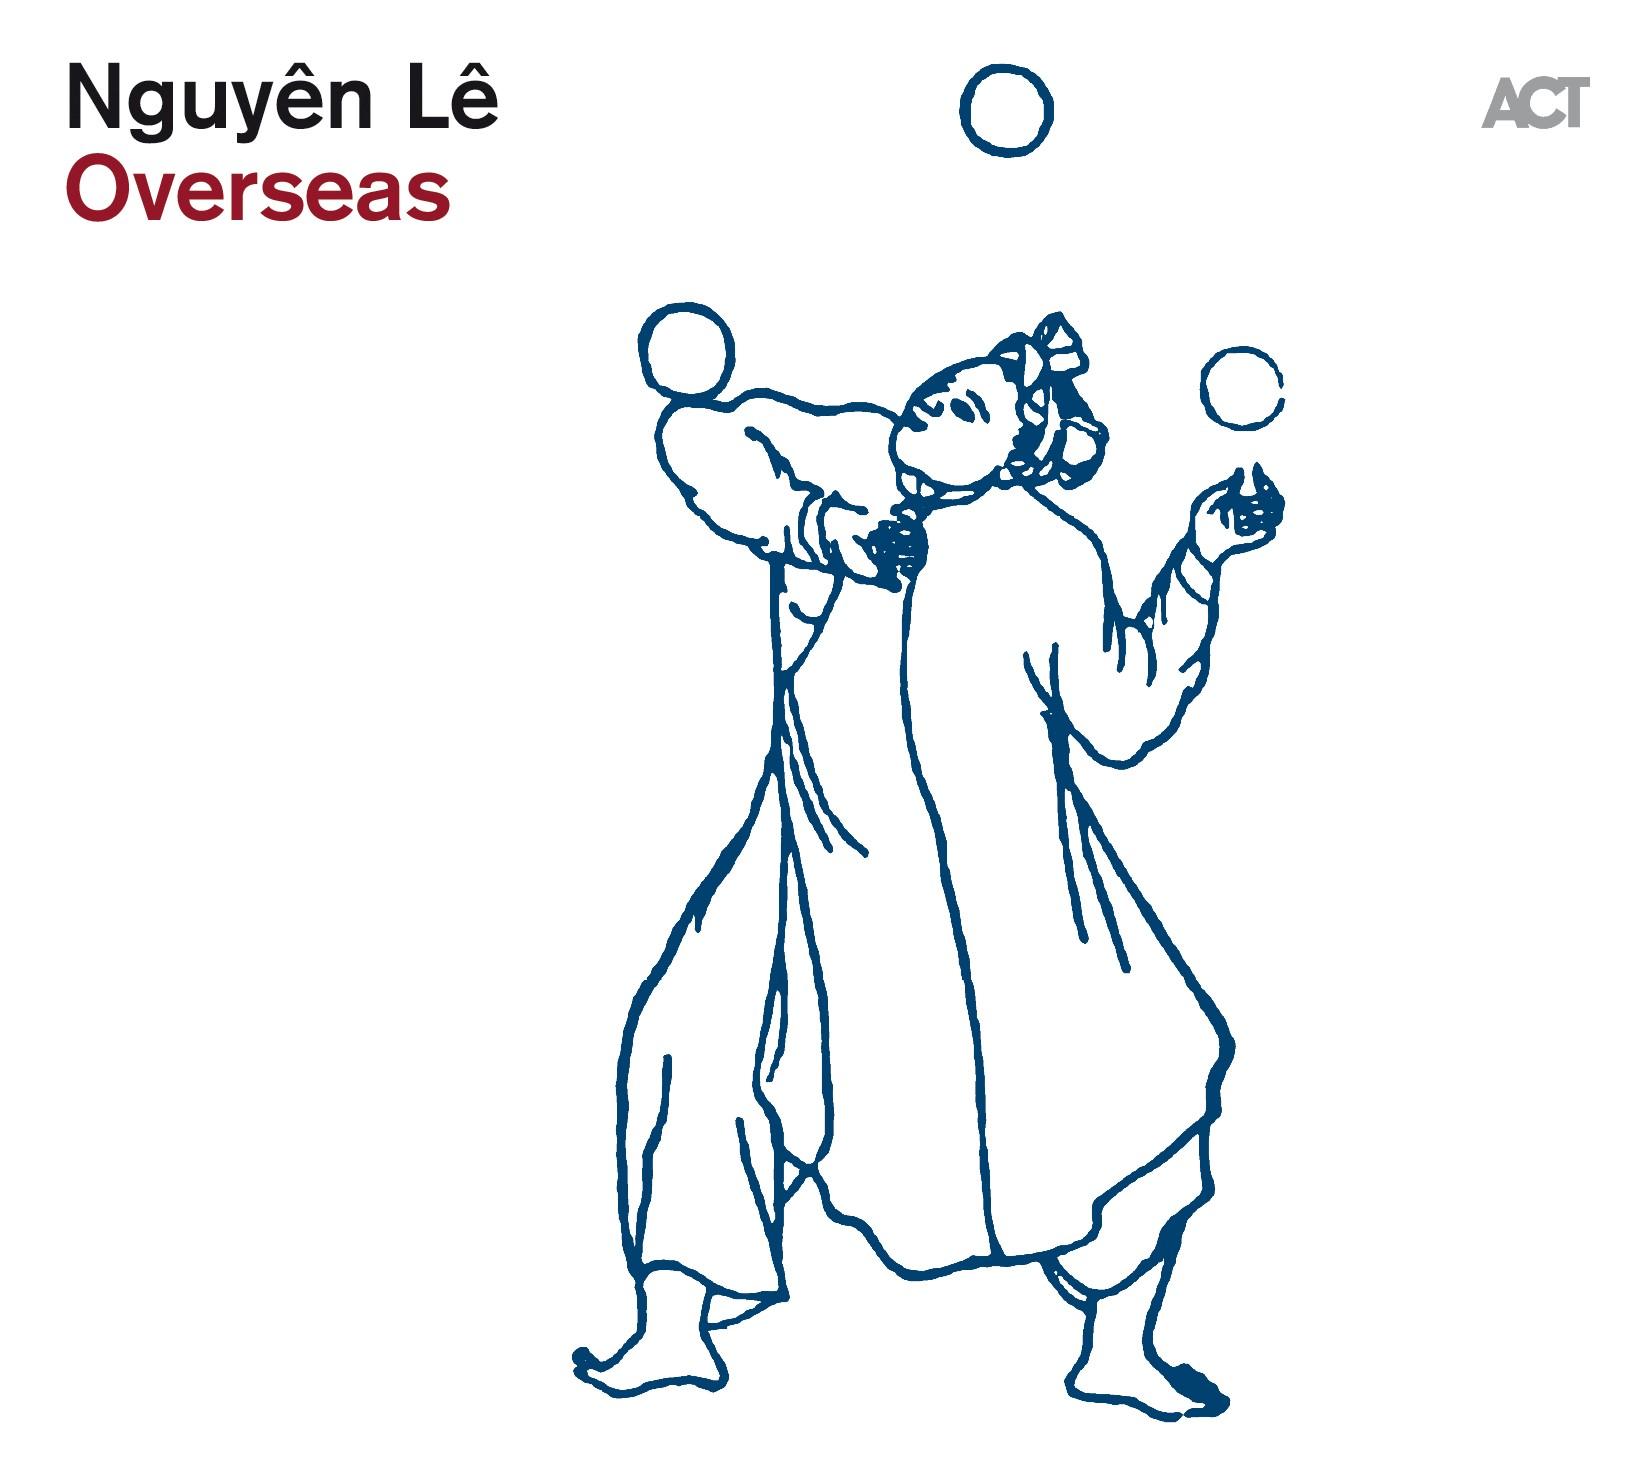 Nguyen Le Overseas.jpg